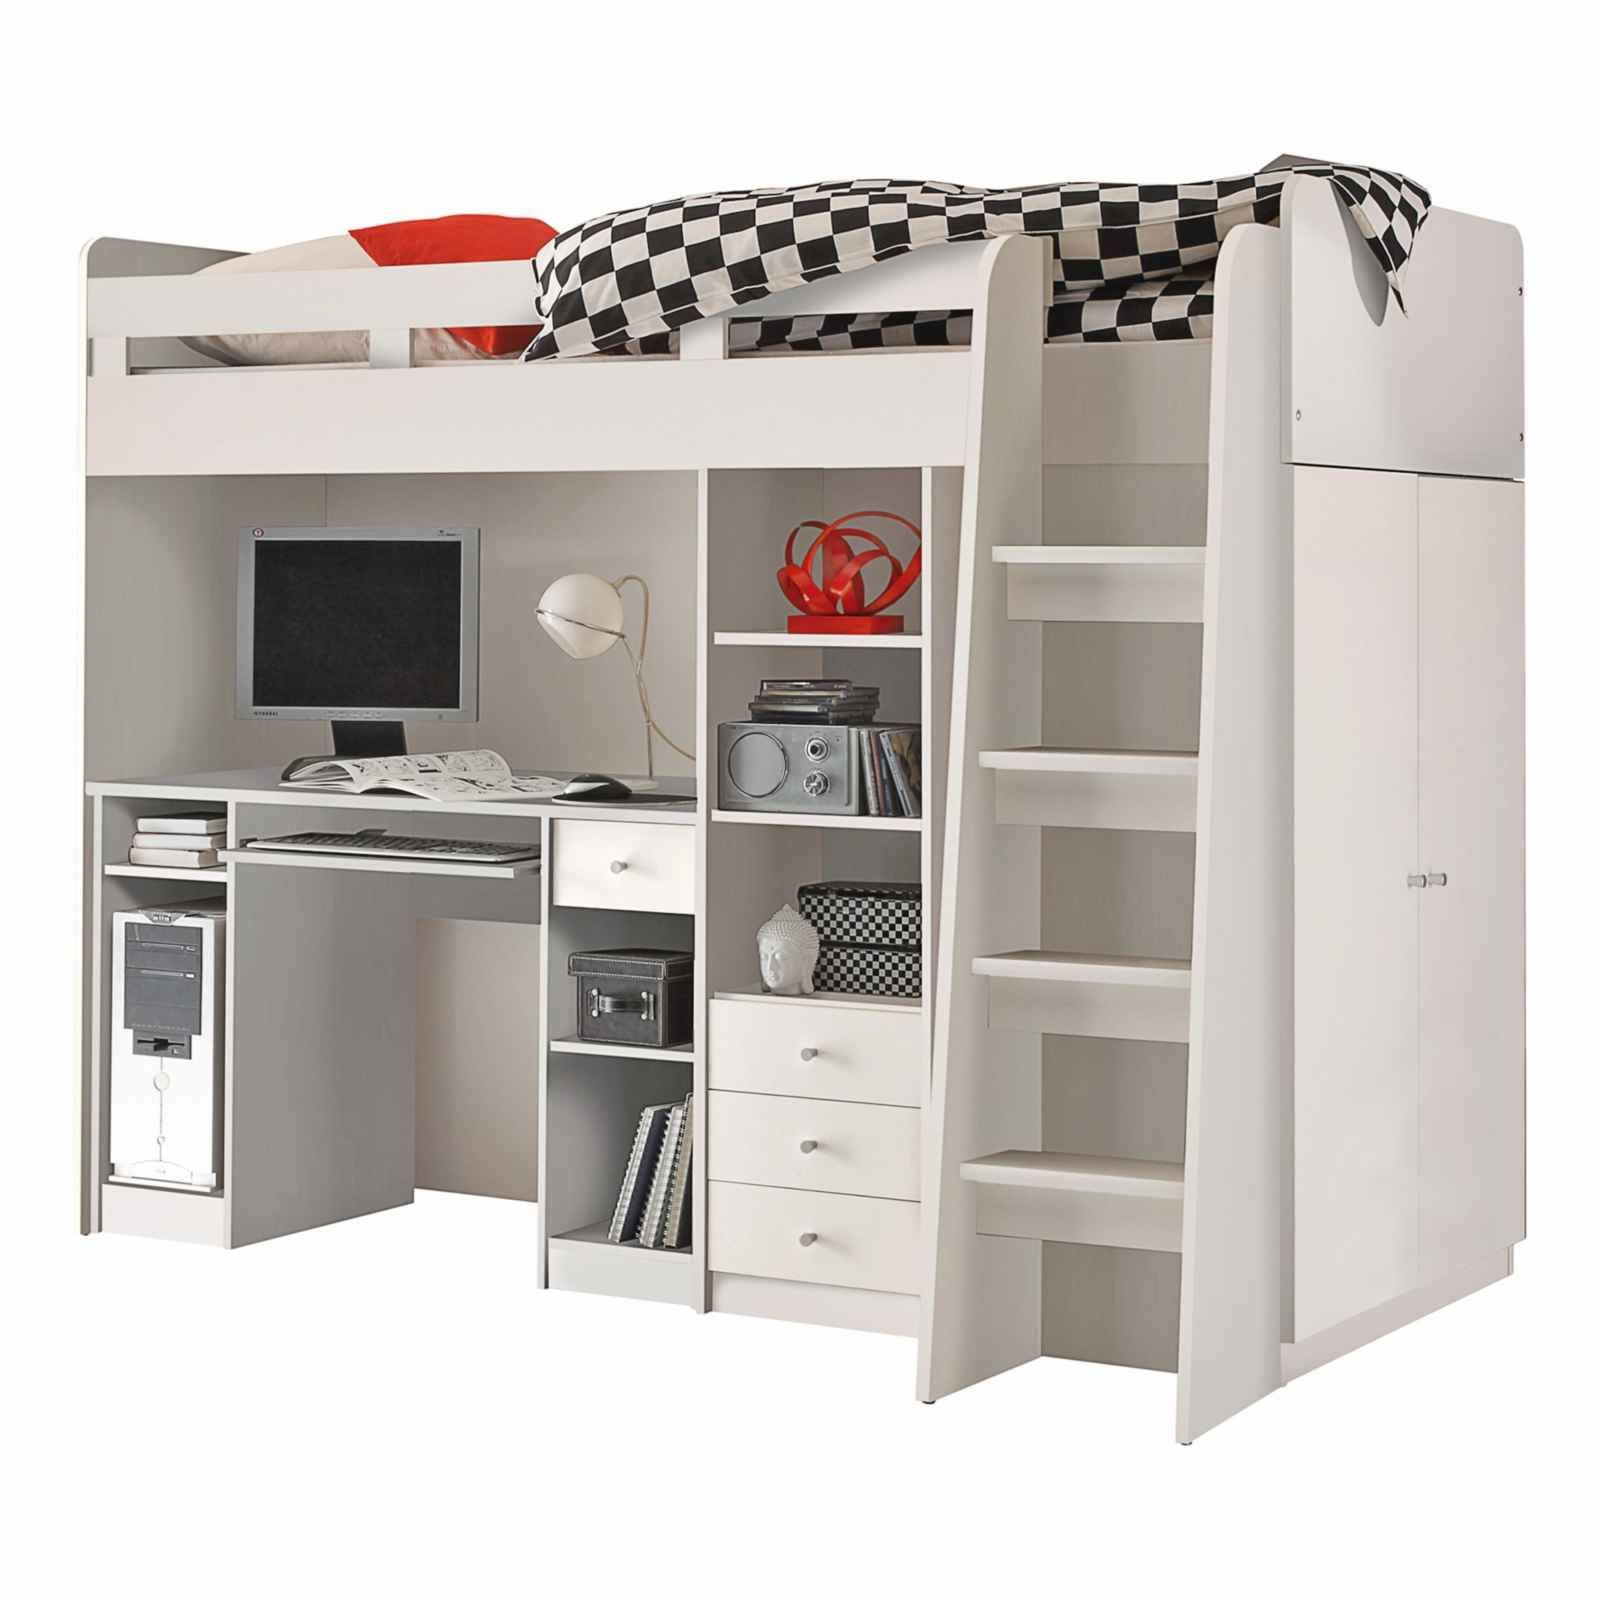 lit mezzanine unit 90 x 200 cm